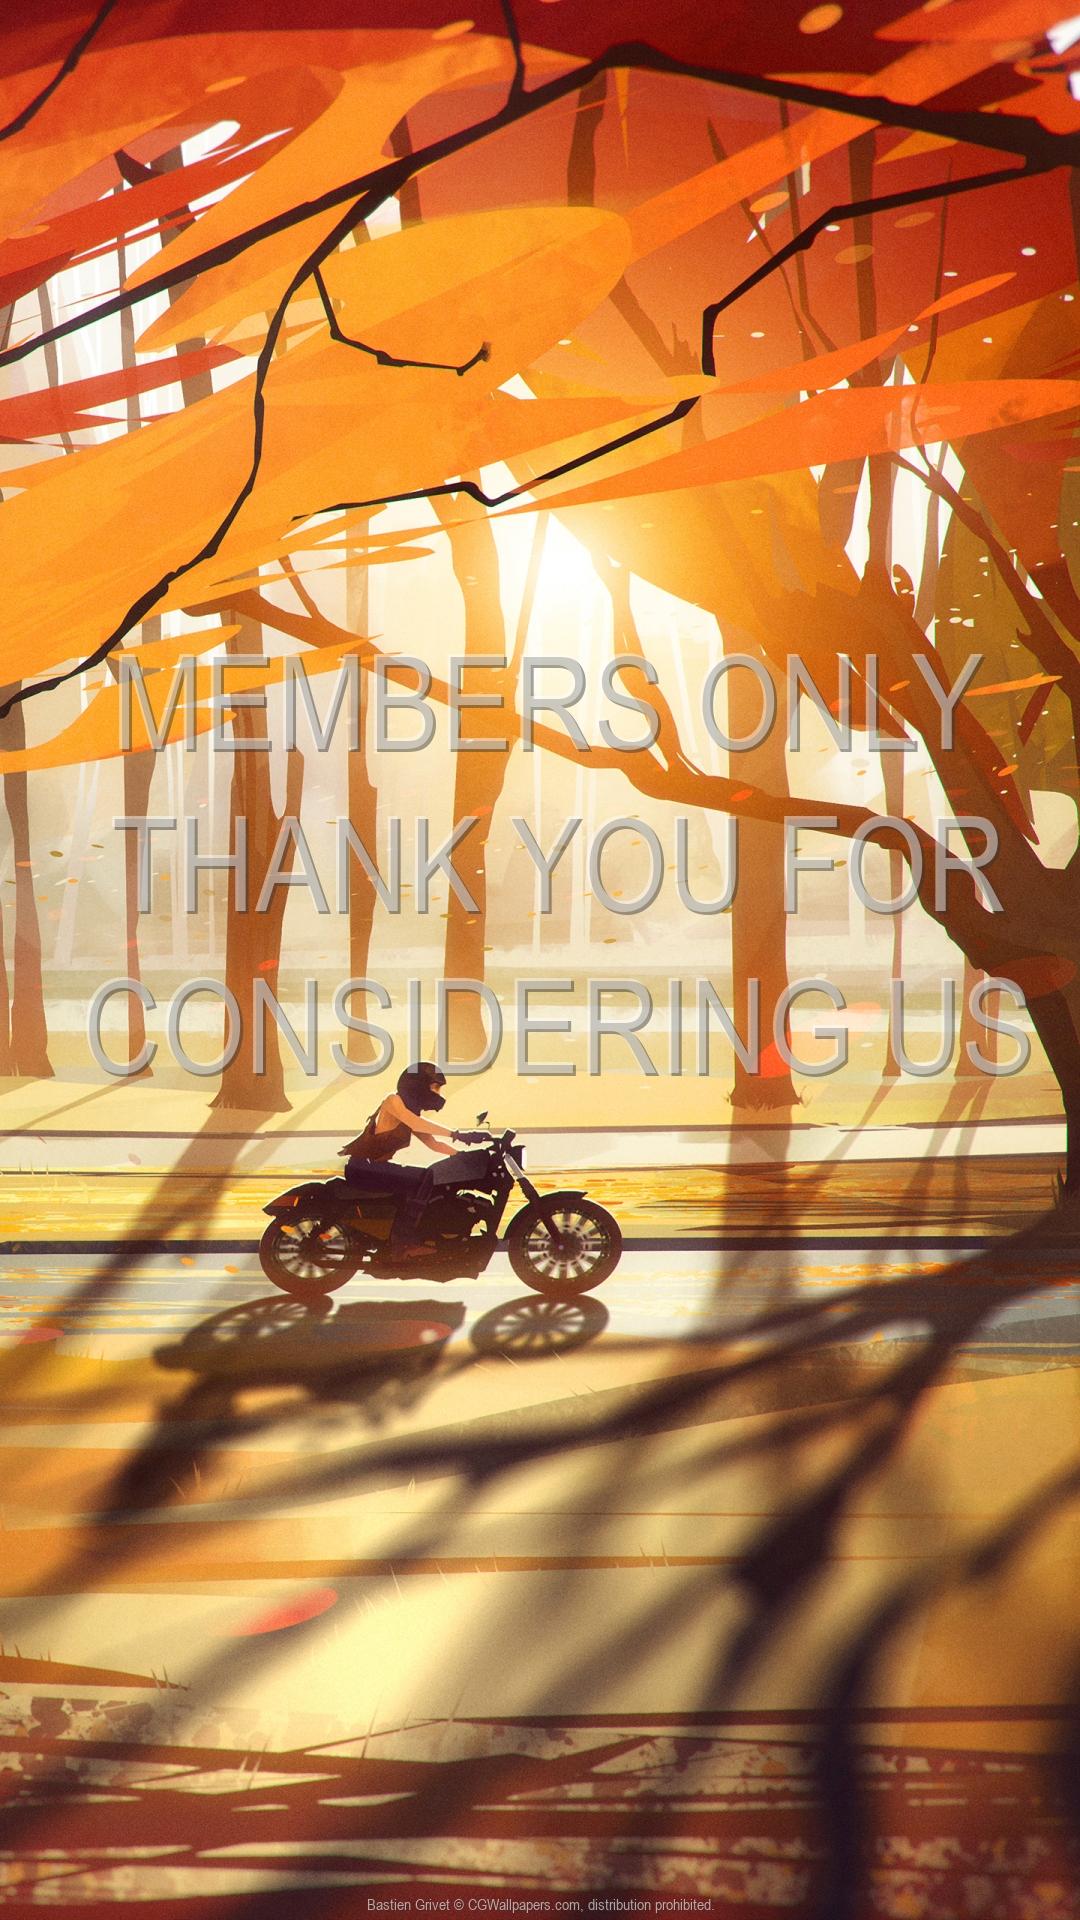 Bastien Grivet 1920x1080 Mobile wallpaper or background 17